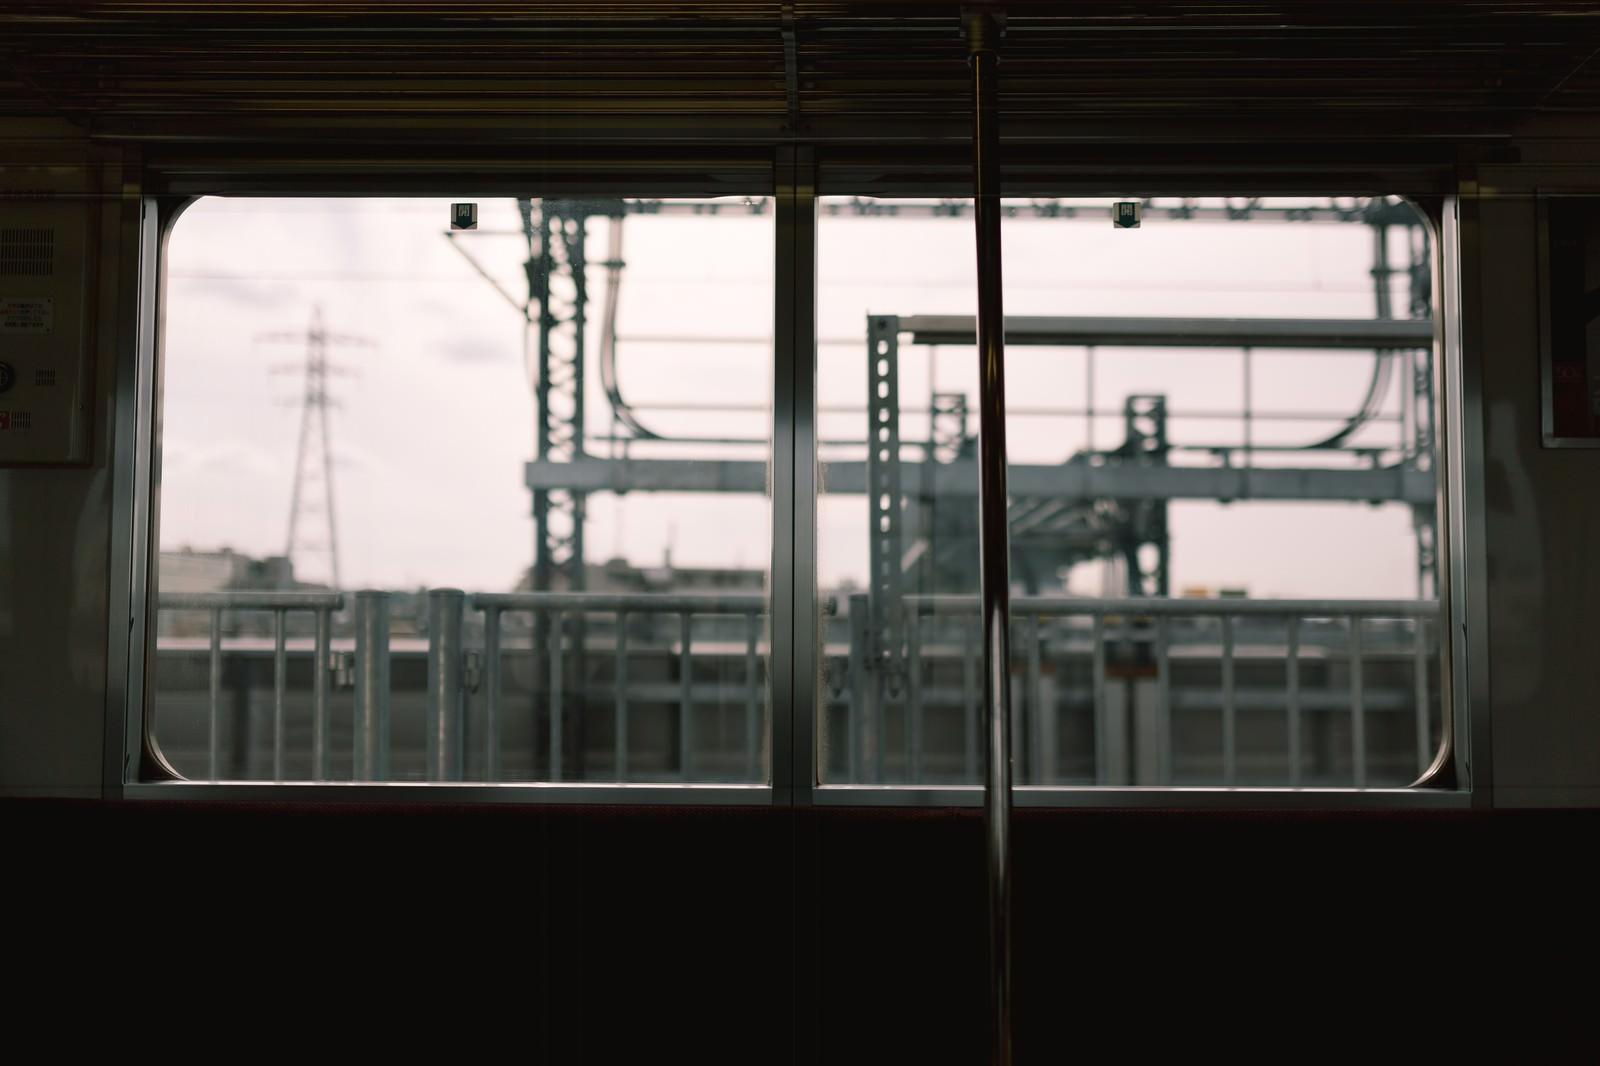 「電車内からのホーム」の写真